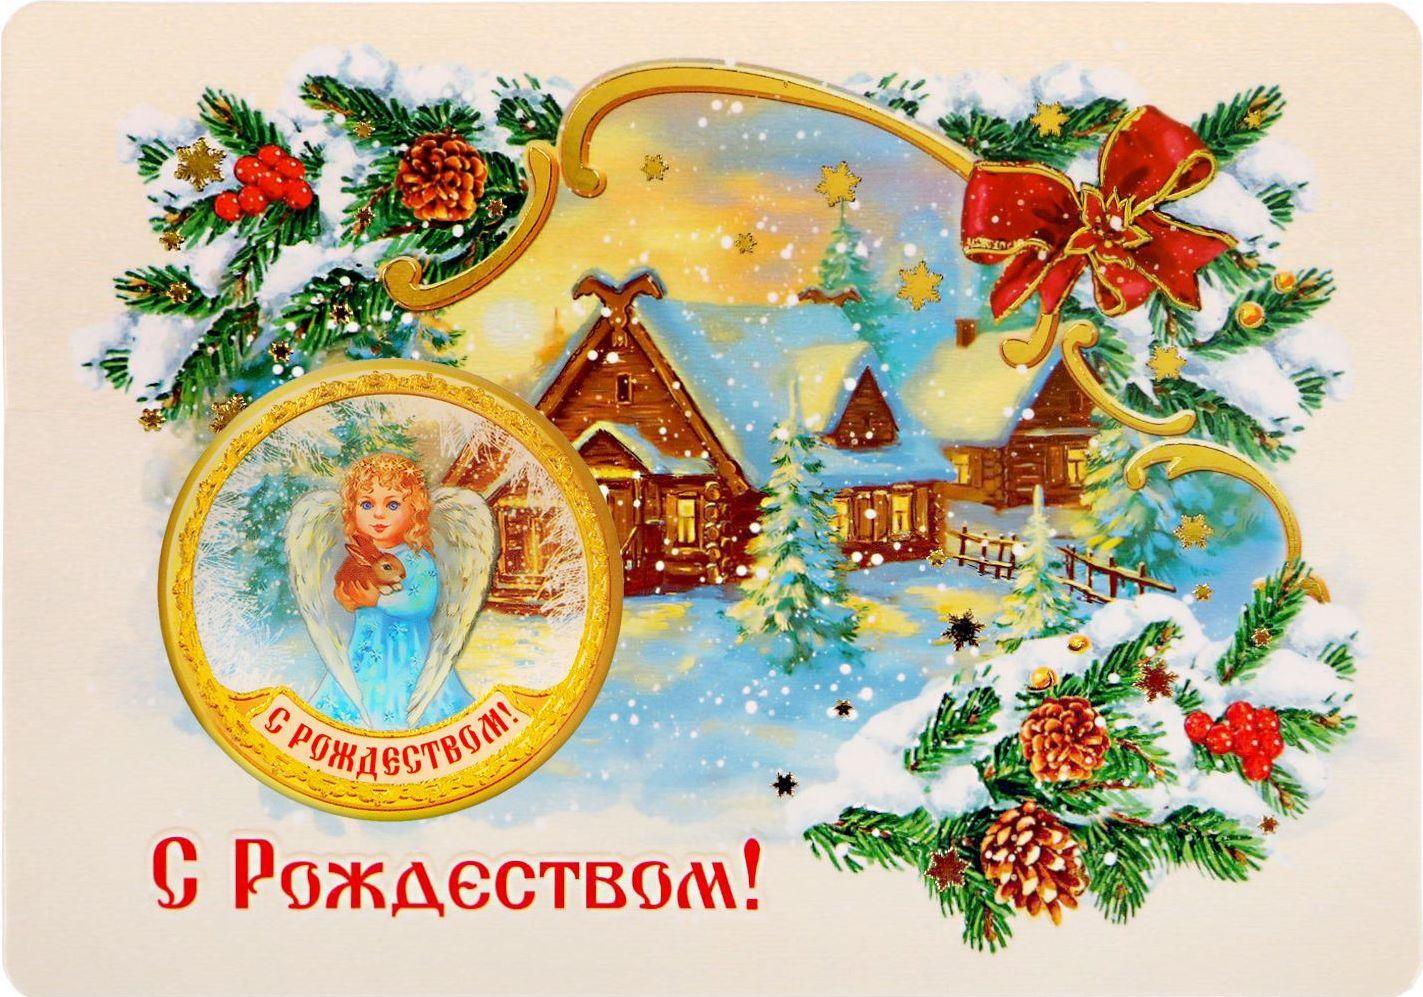 Магнит Sima-land Милый ангел у дома, с открыткой, 14,8 х 10,5 см1427303Порадуйте родных и близких оригинальным сувениром: преподнесите в подарок магнит. С ним даже самый серьёзный человек почувствует себя ребёнком, ожидающим чудо! Создайте праздничное настроение, и оно останется с вами на весь год.